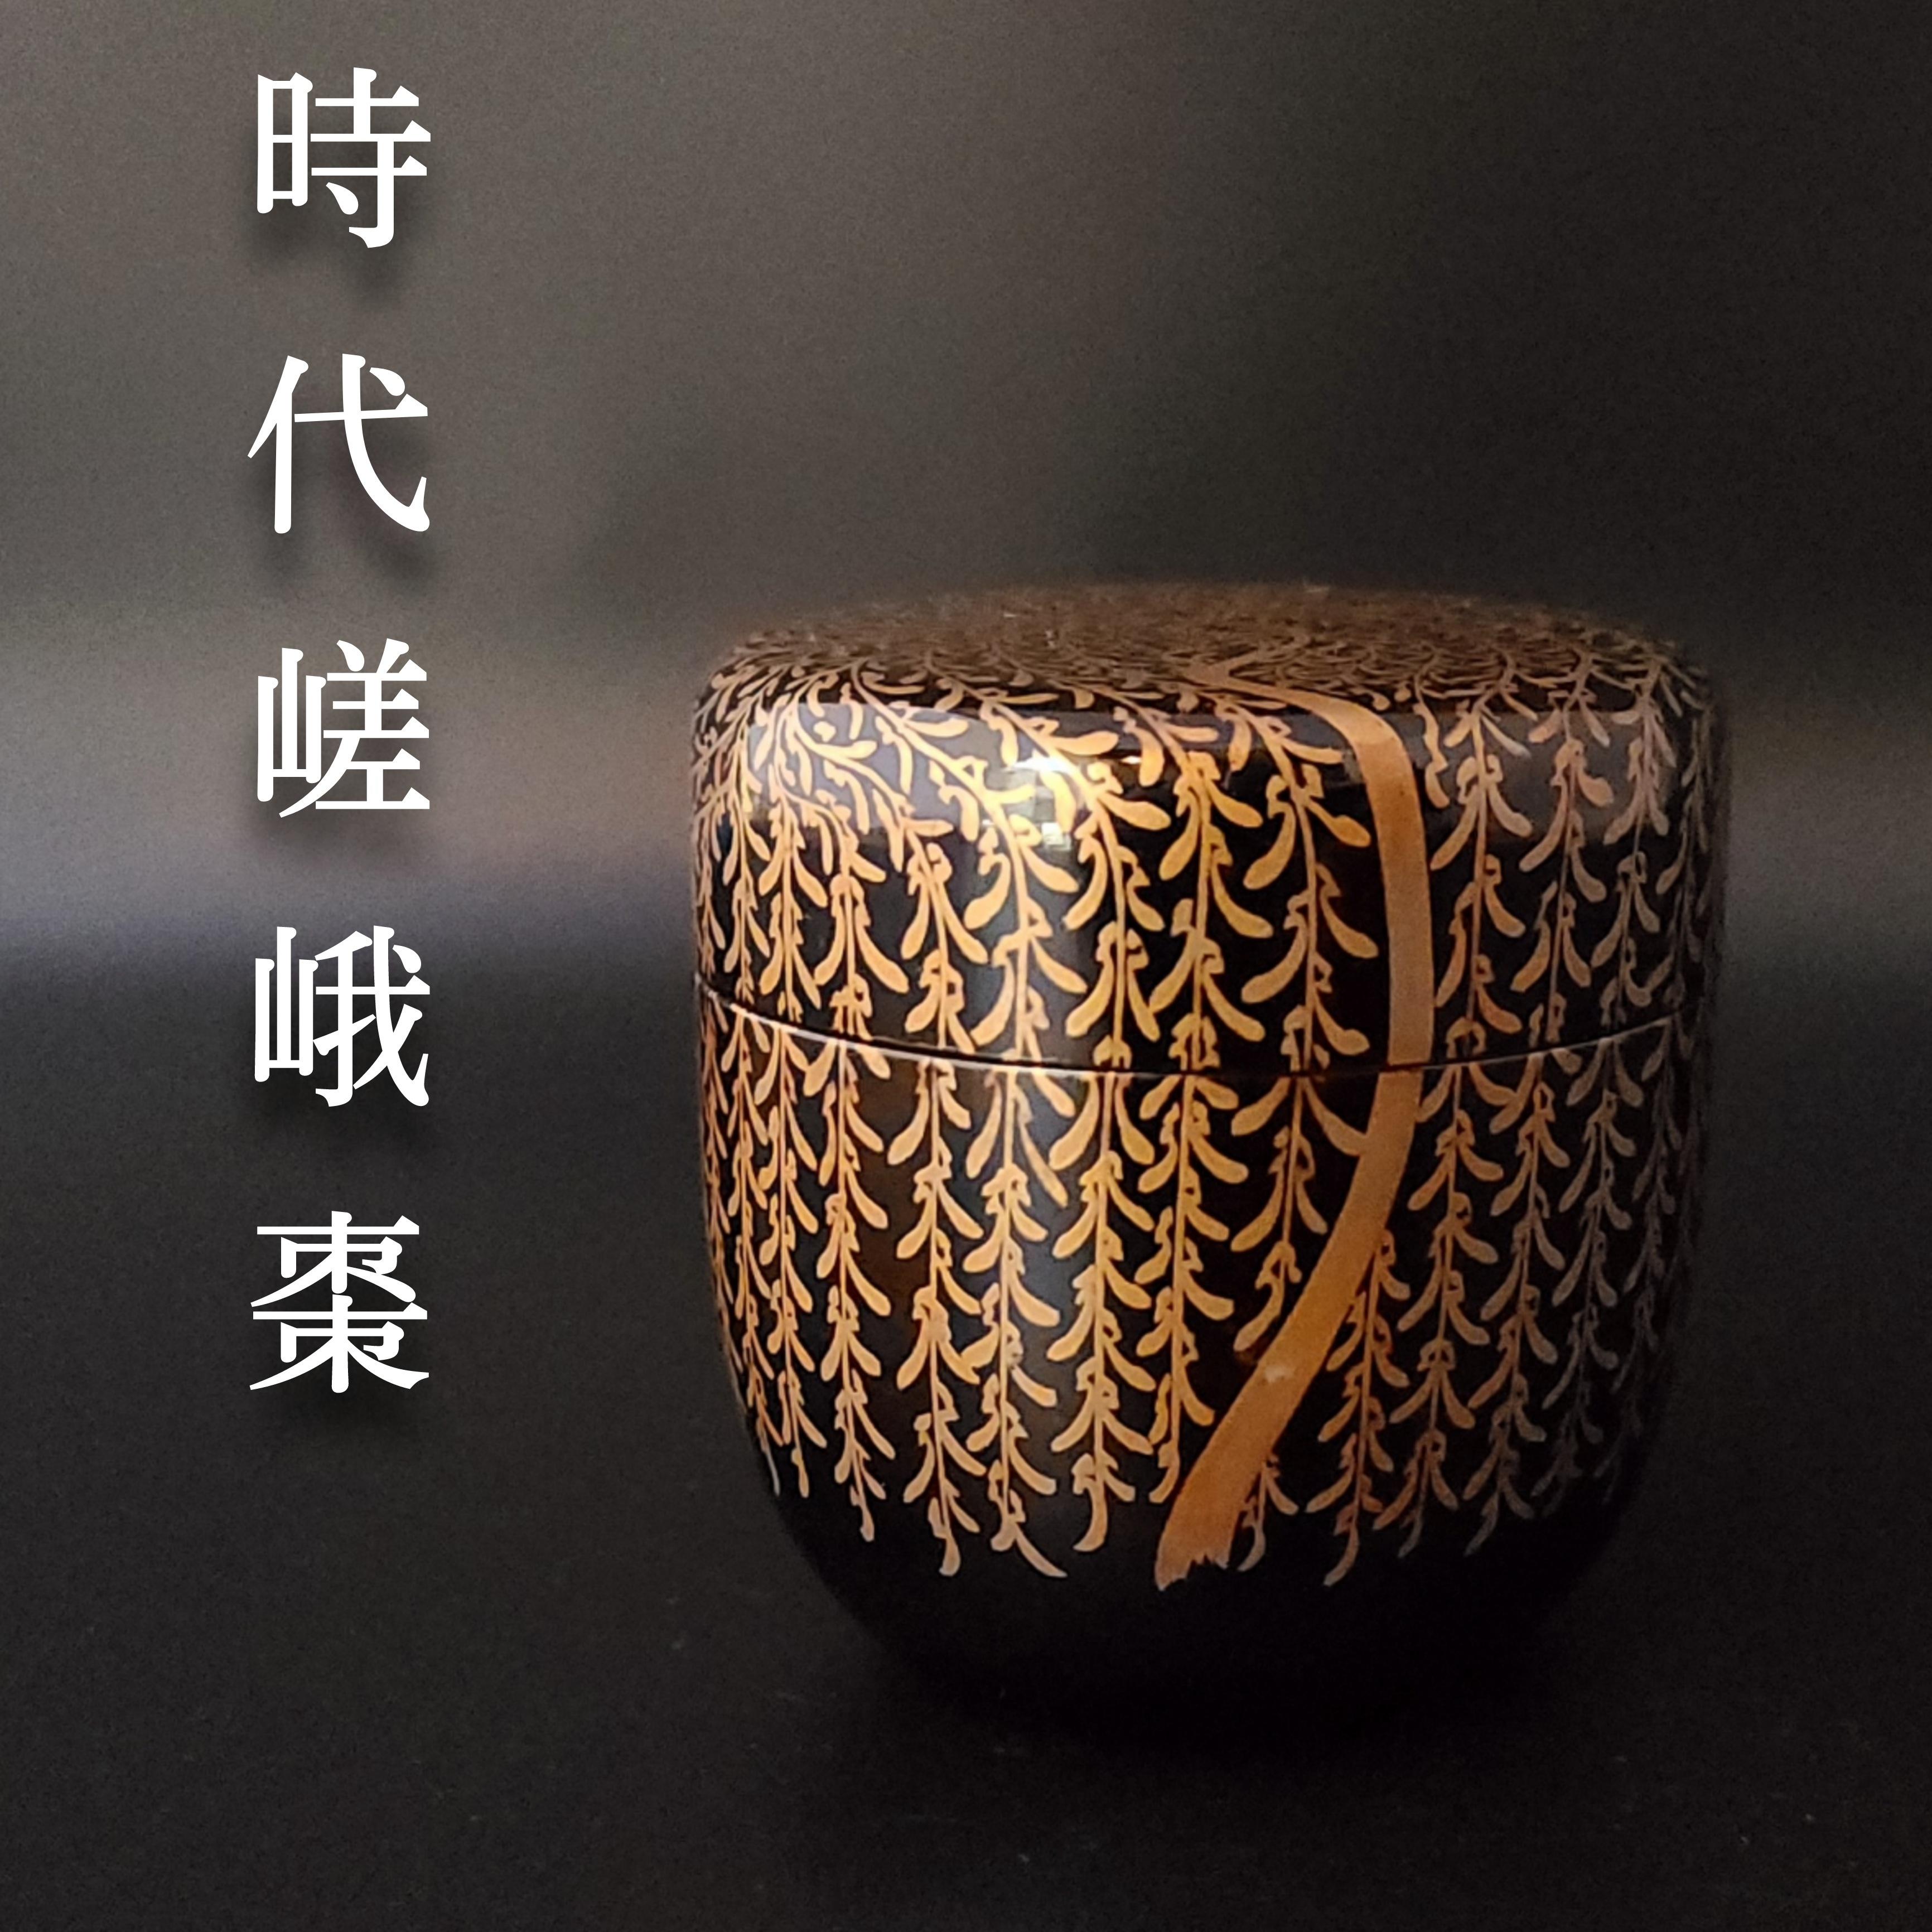 茶道具 時代 嵯峨棗 柳蒔絵 中棗 古美術品 江戸中期 薄茶器 さがなつめ